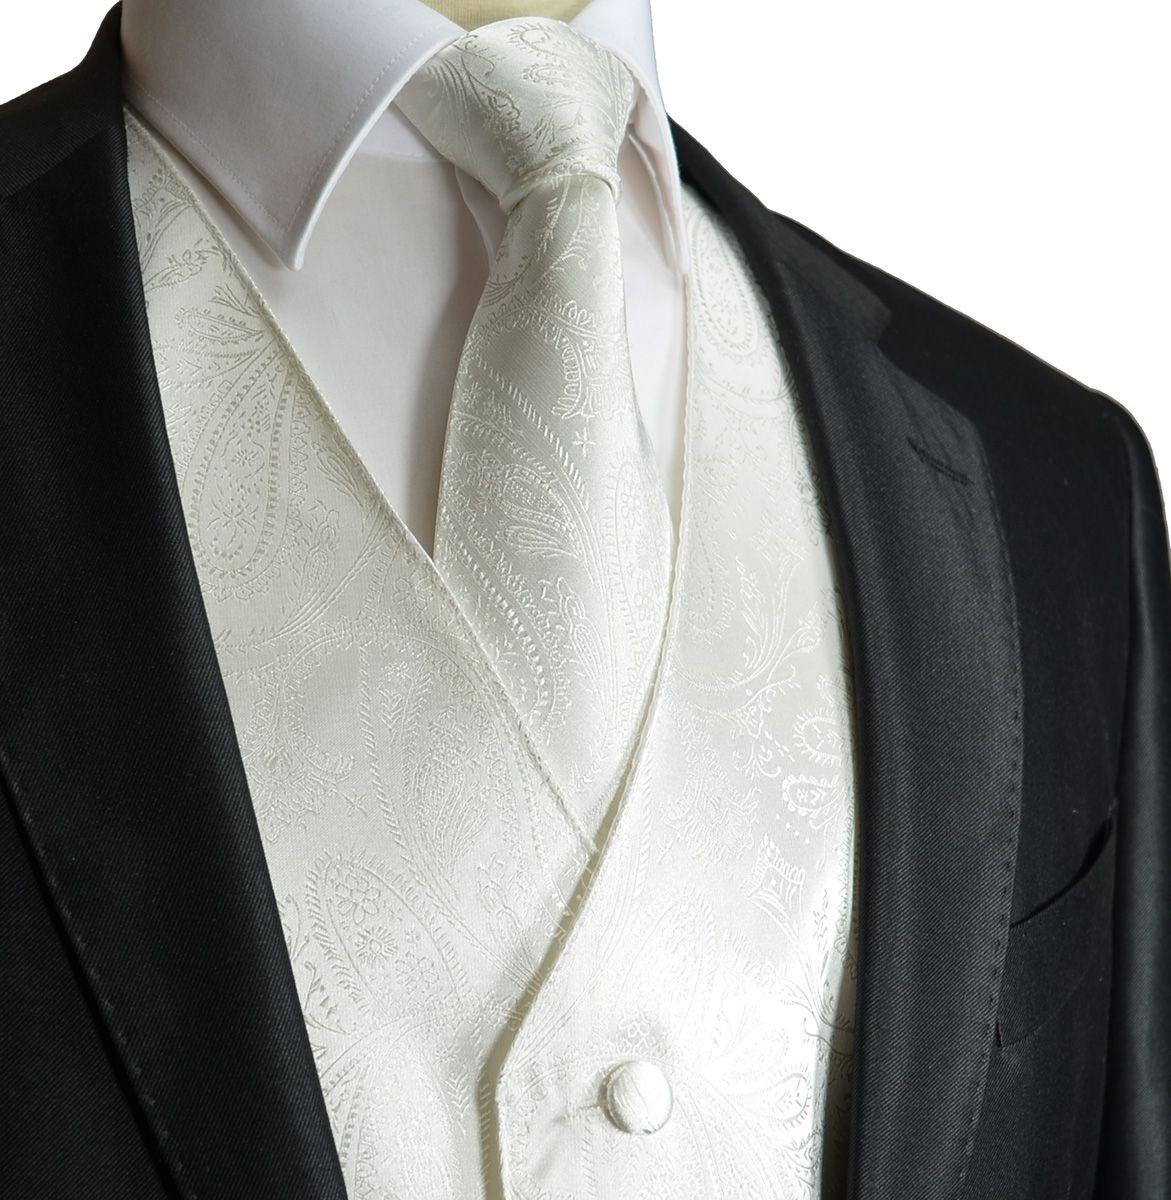 Ivory Paisley Tuxedo Vest with Necktie (V80)